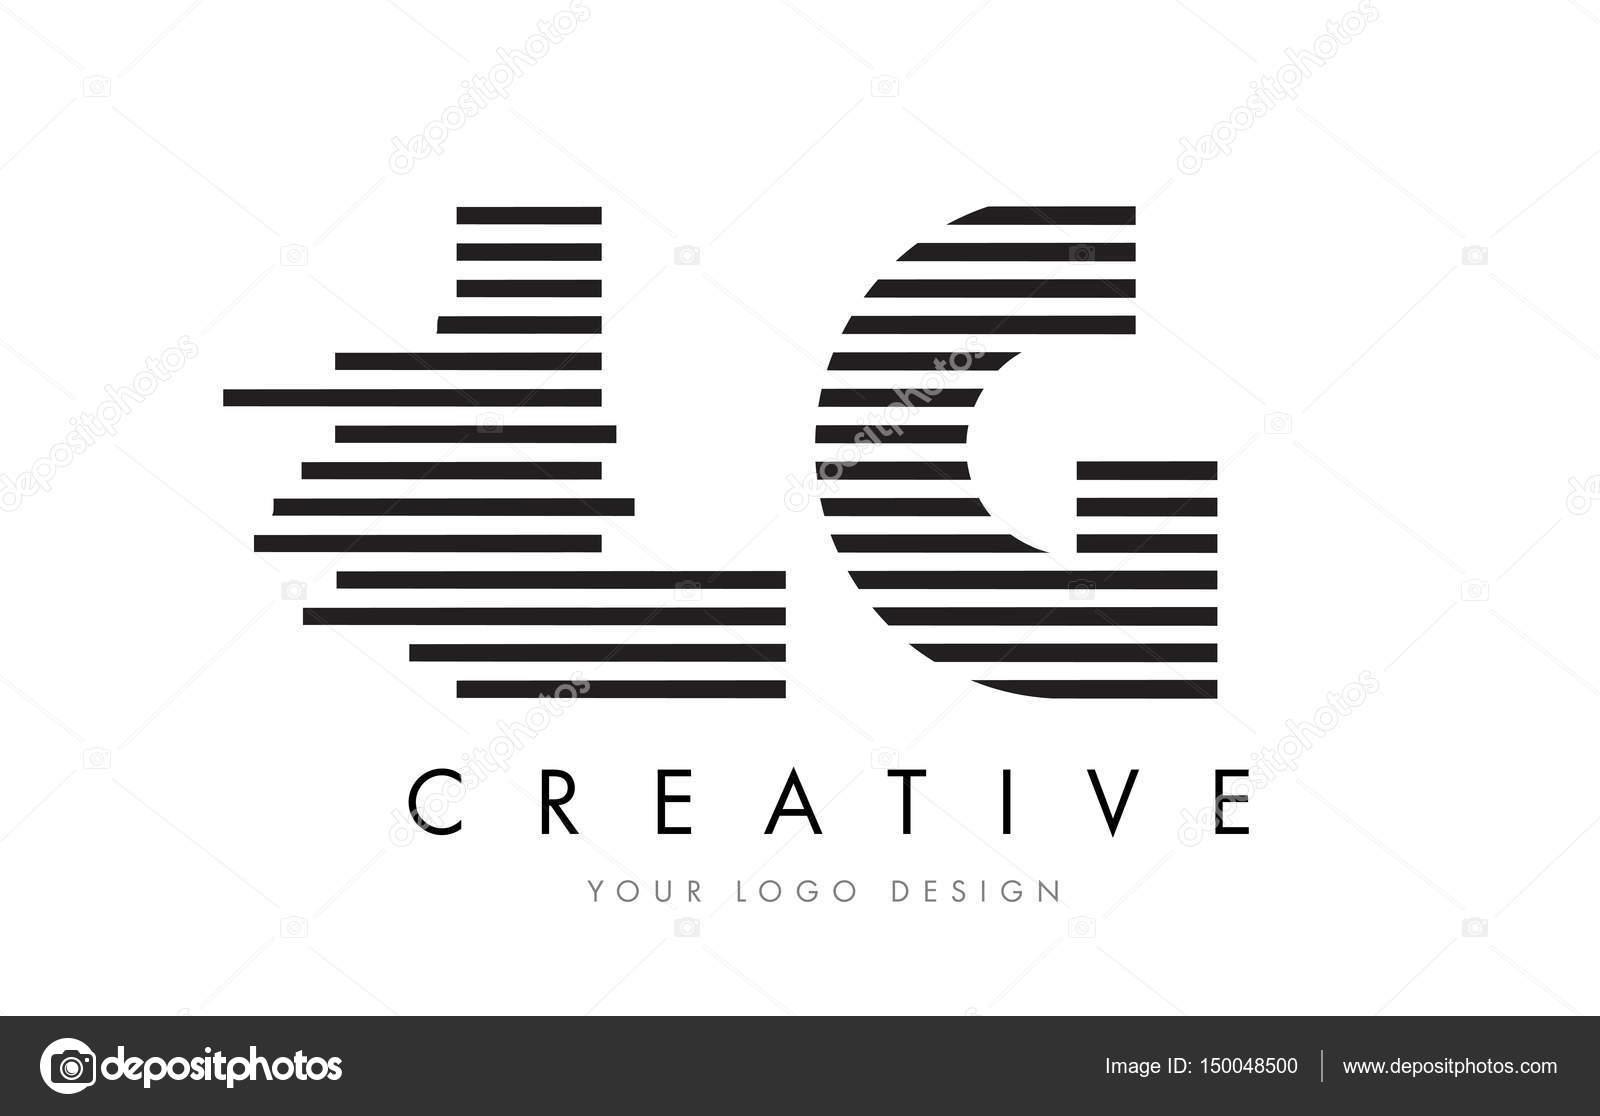 LG L G Zebra Letter Logo Design with Black and White Stripes